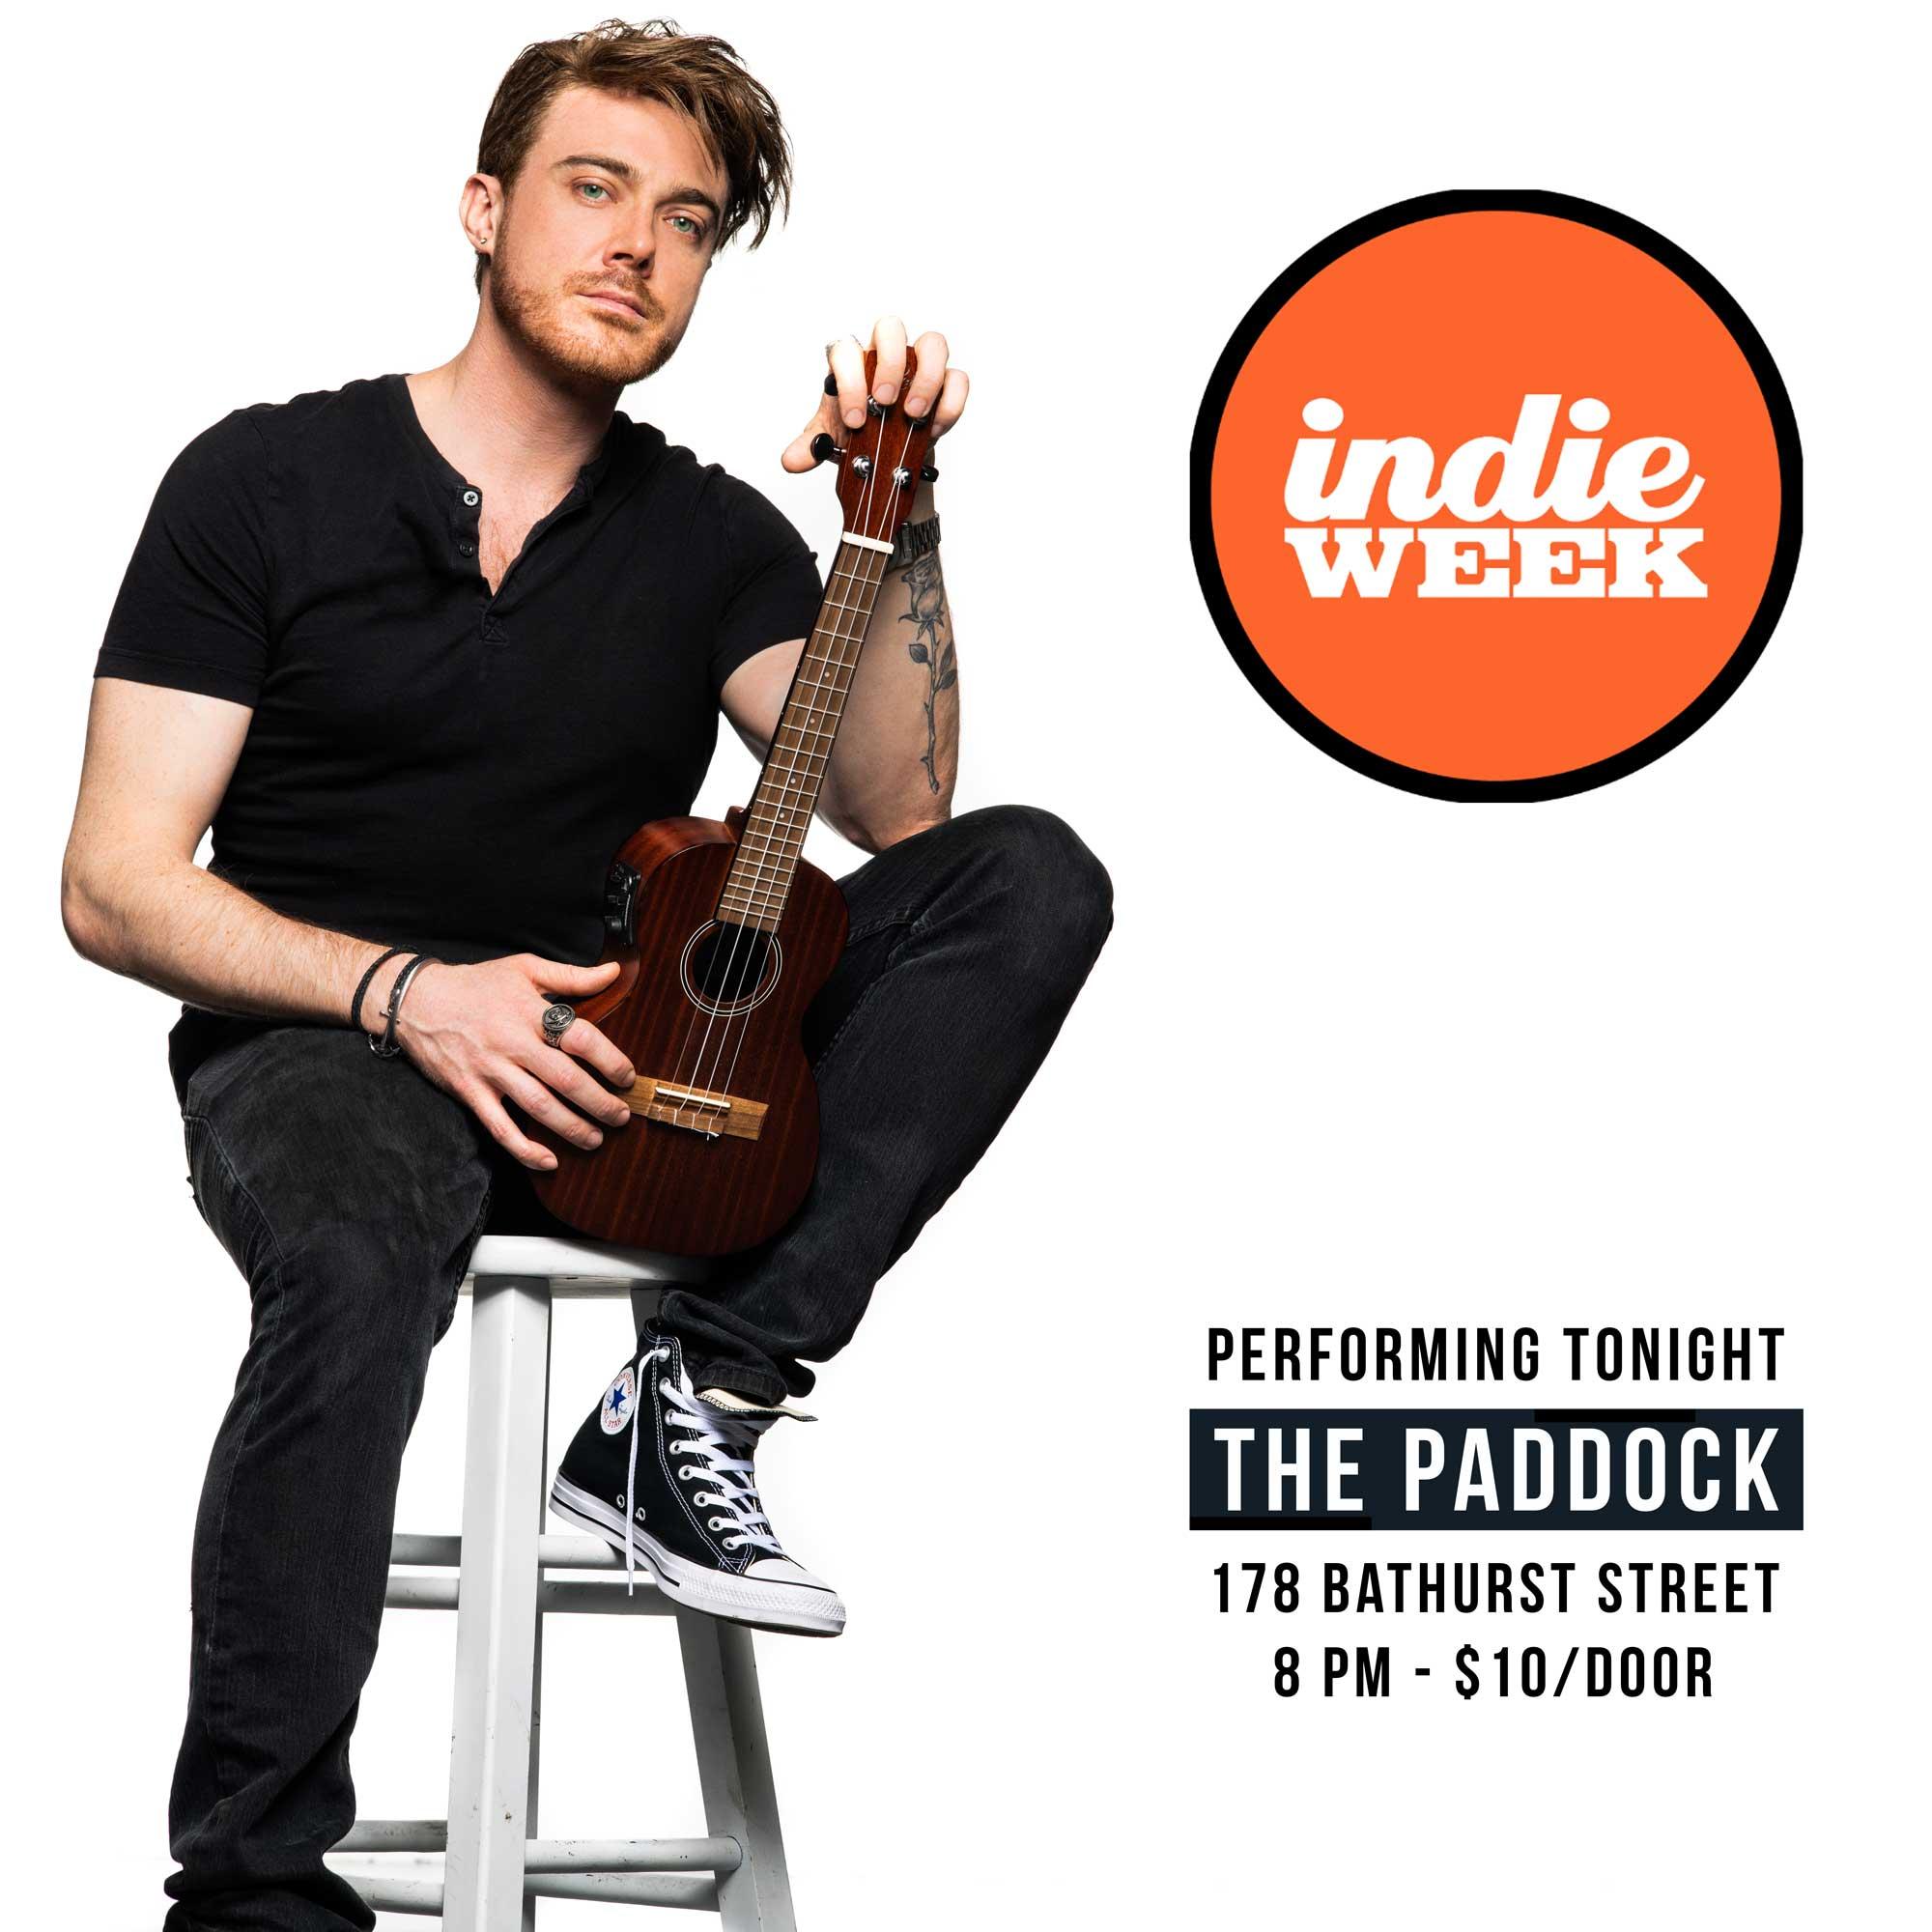 Indie Week - Student Night